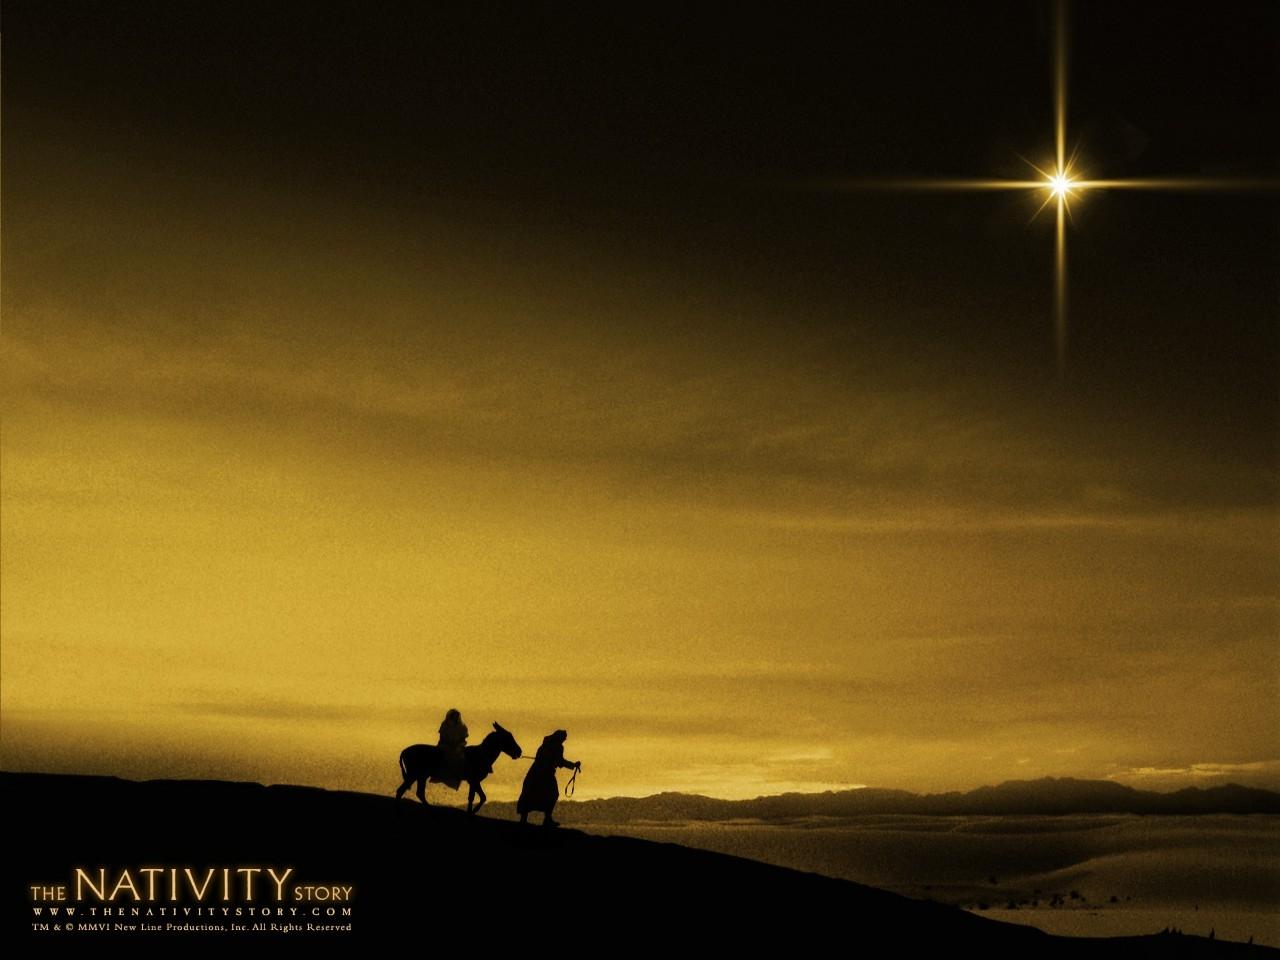 Un suggestivo wallpaper del film Nativity